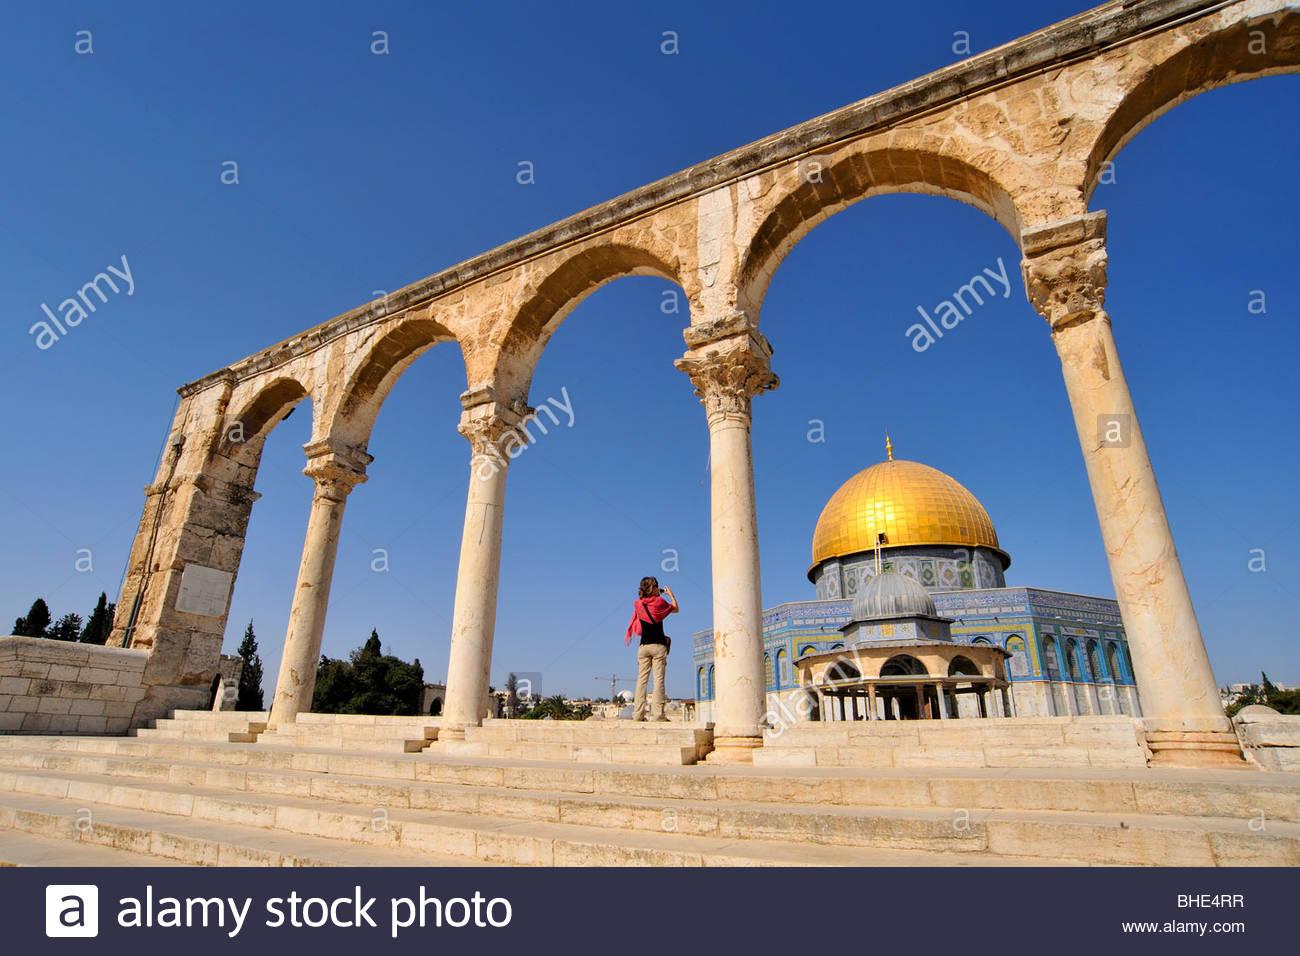 Cupola della roccia, il Monte del Tempio, il nobile santuario, Gerusalemme, Israele Immagini Stock